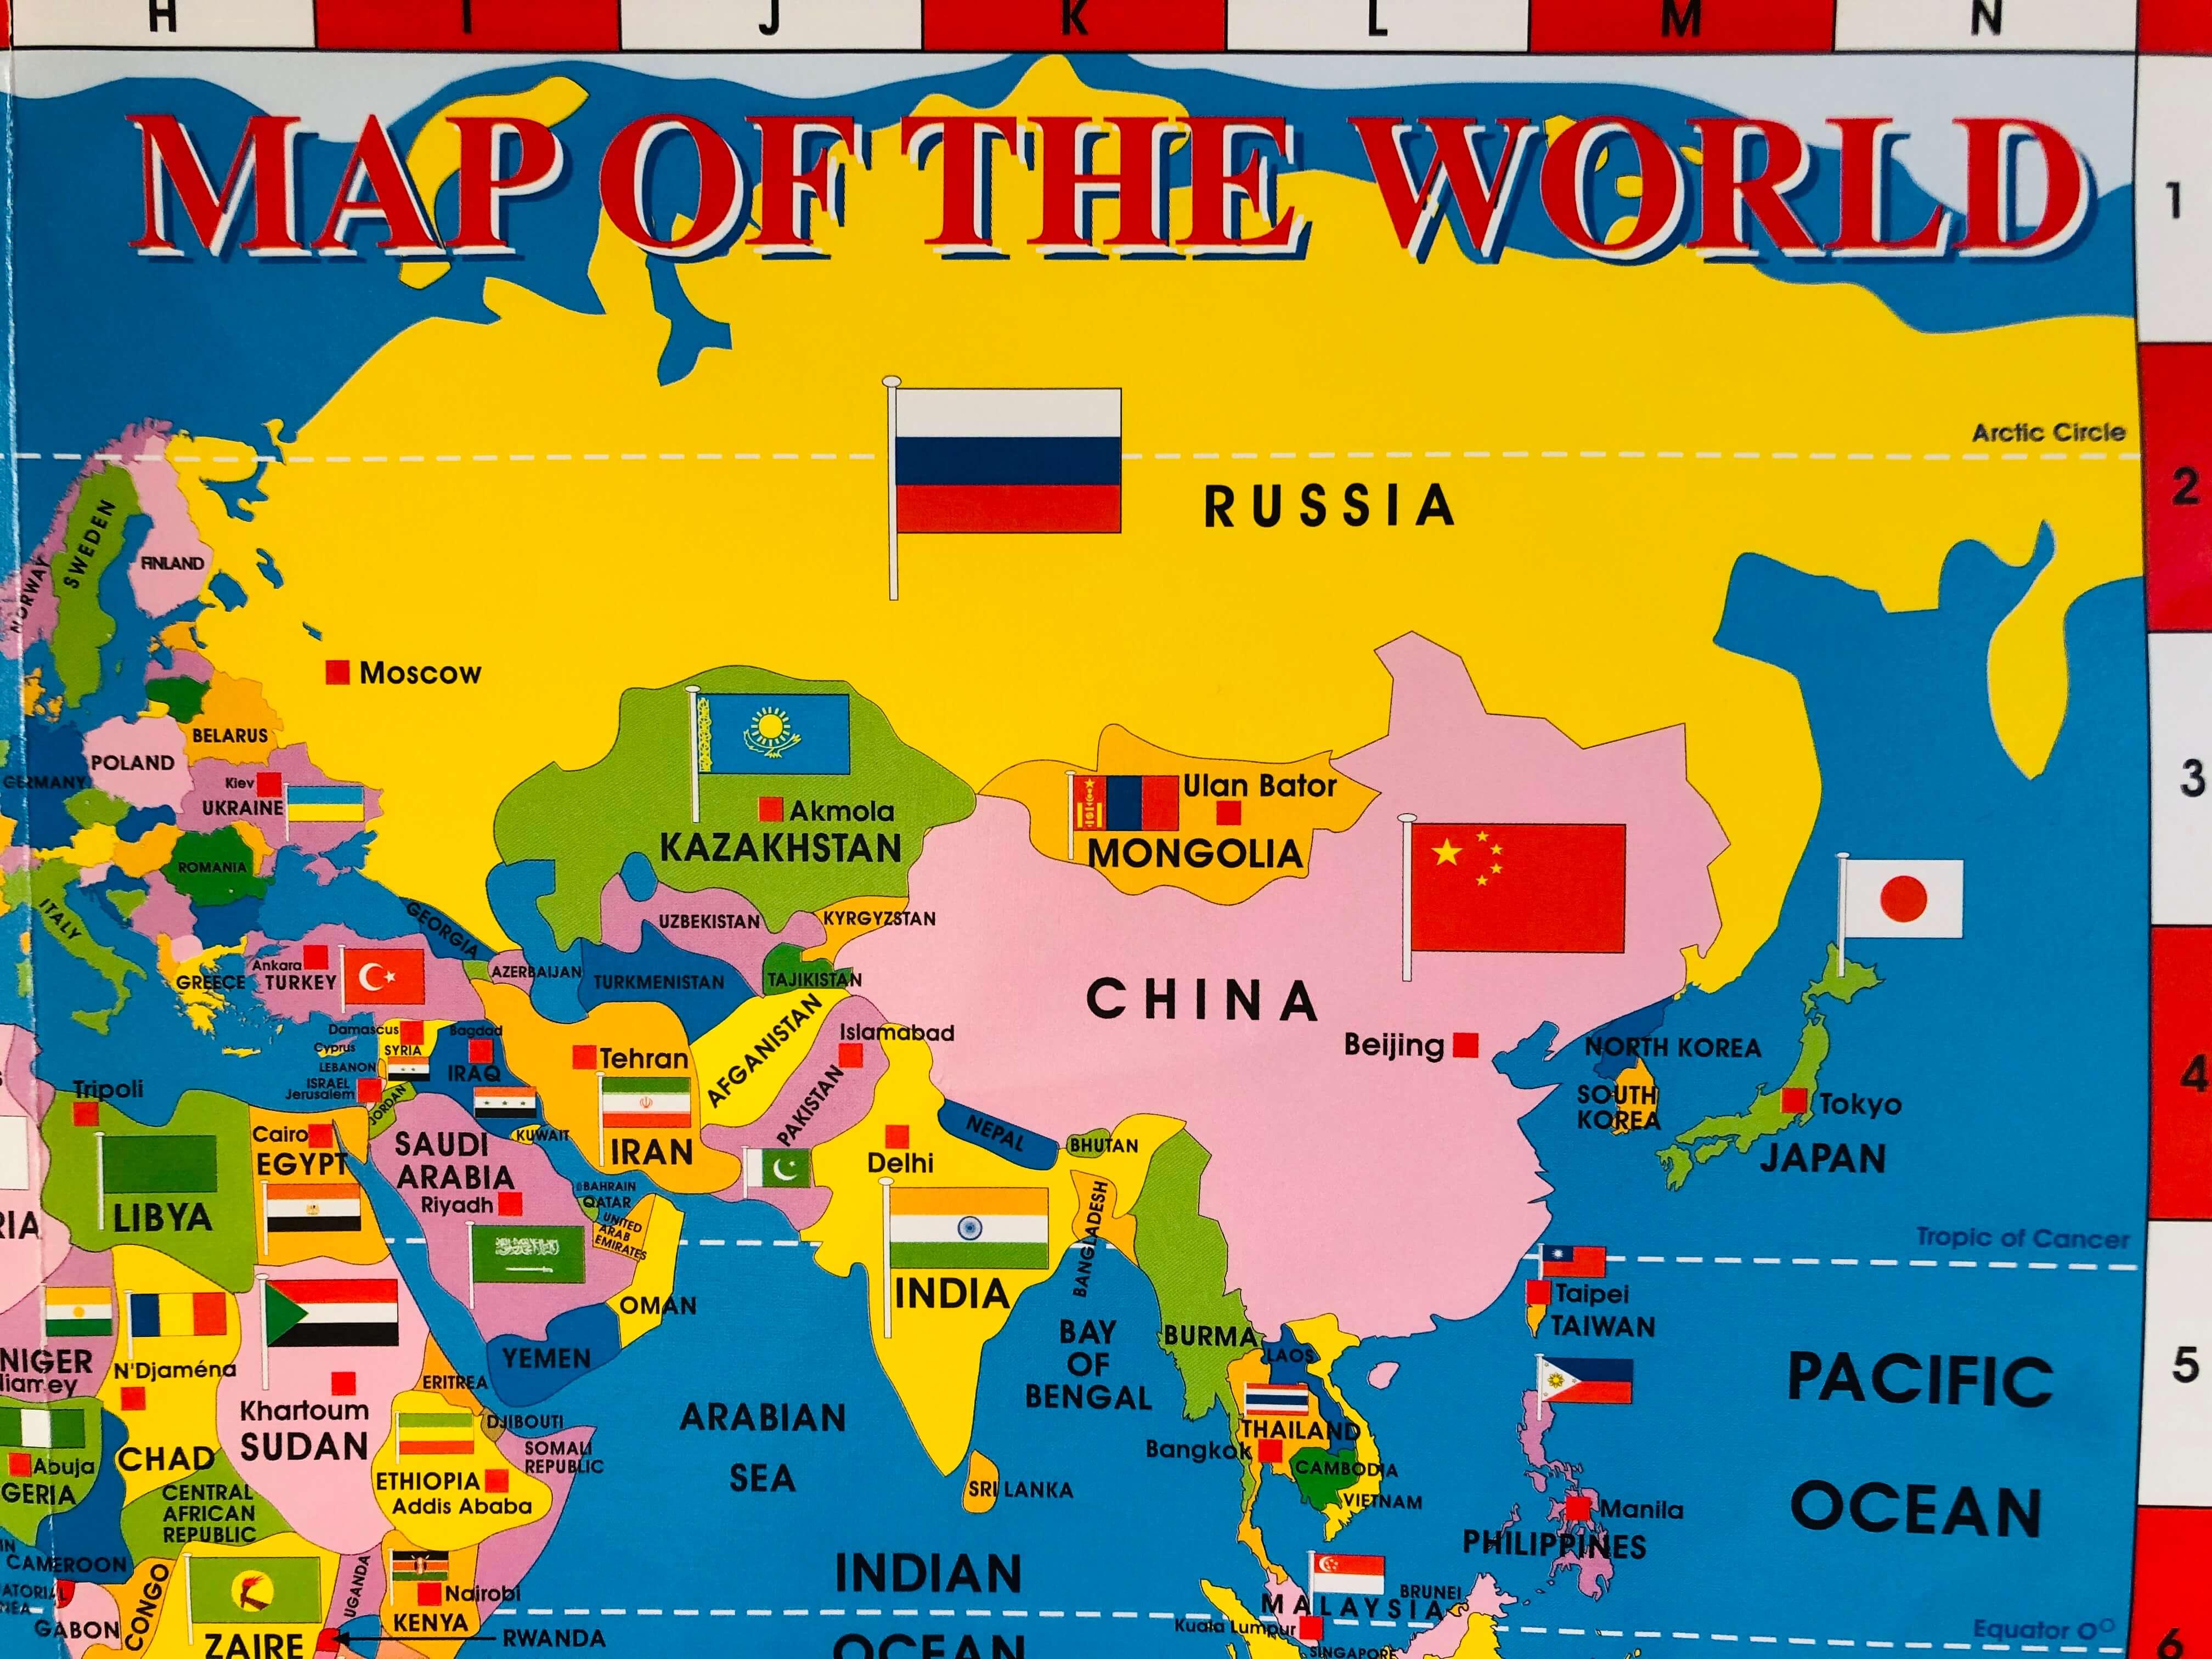 ウイルスの脅威が示す「世界は一つ」